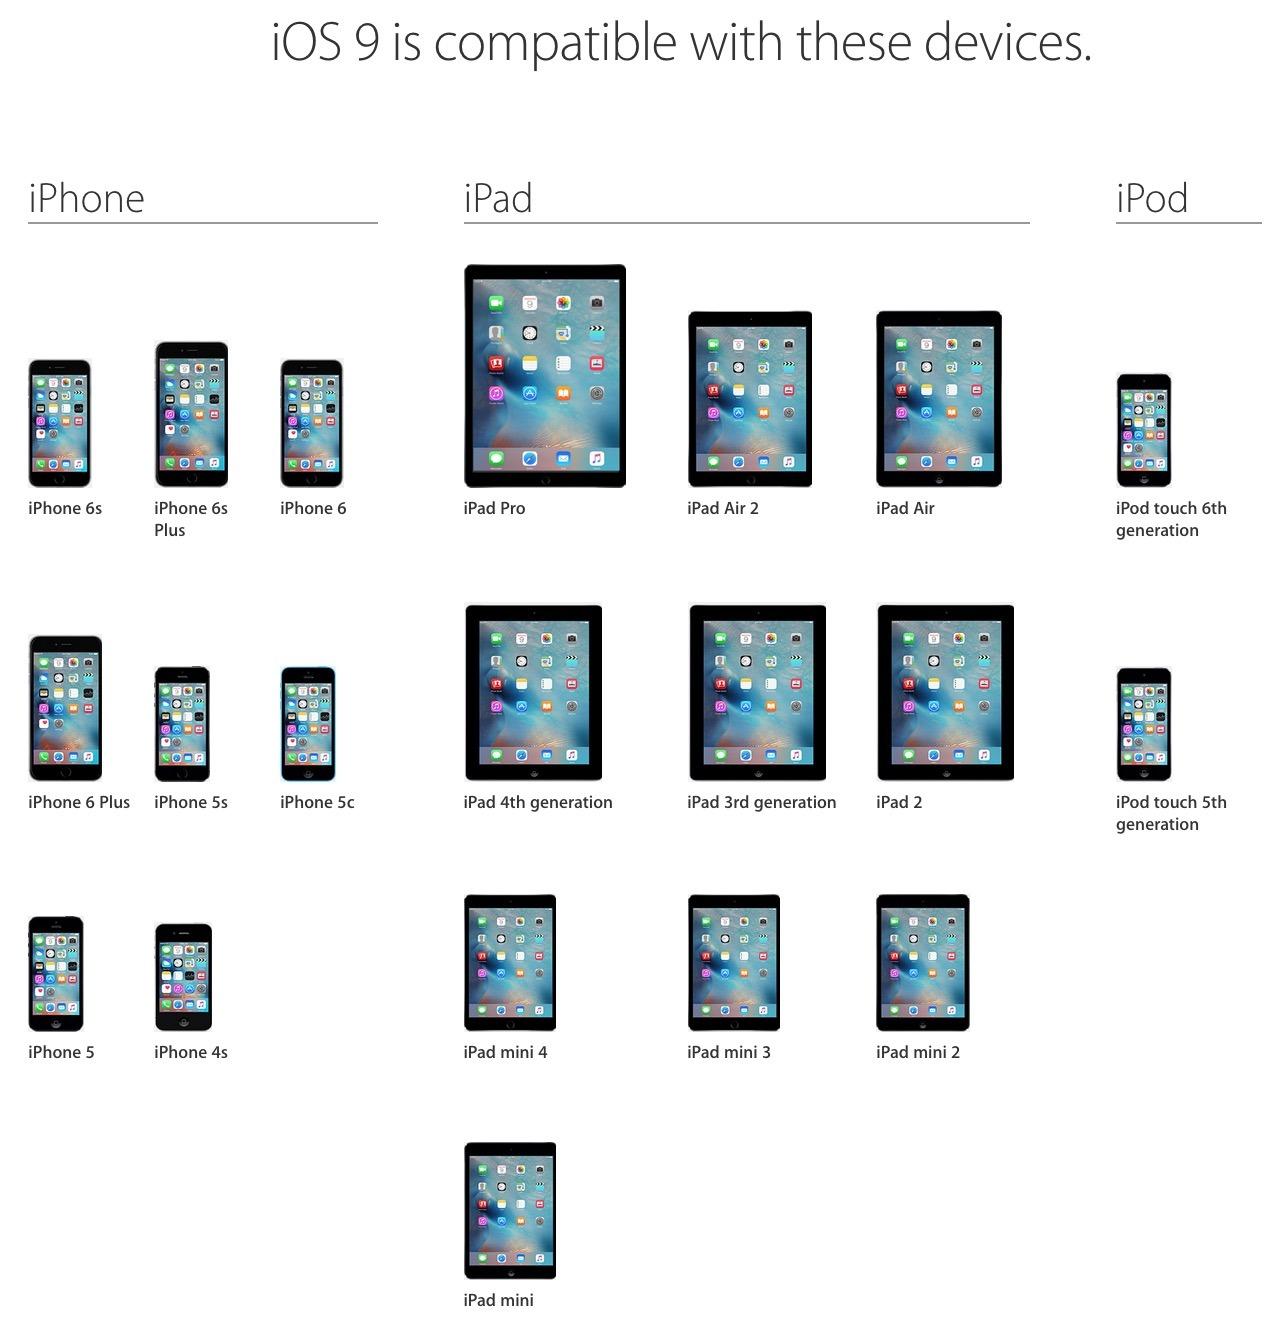 Elenco hardware compatibile con iOS 9